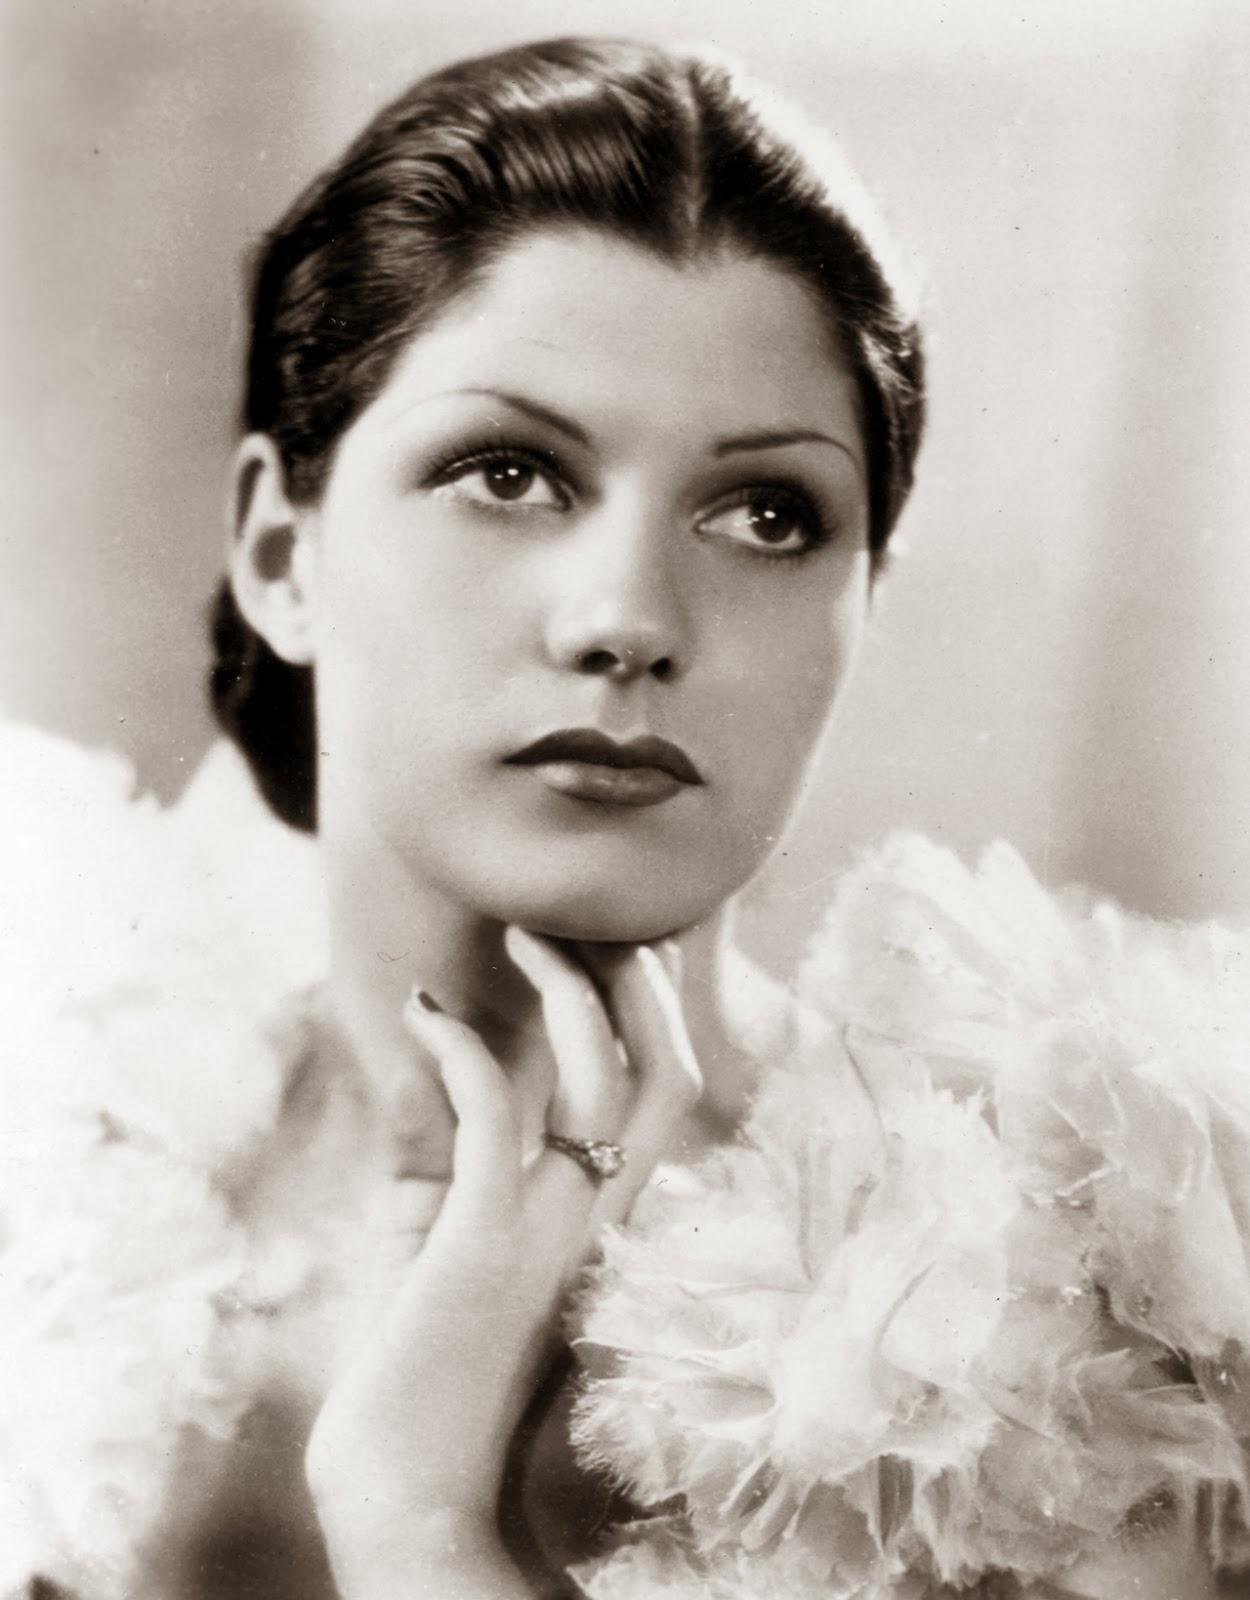 Janet Mahoney